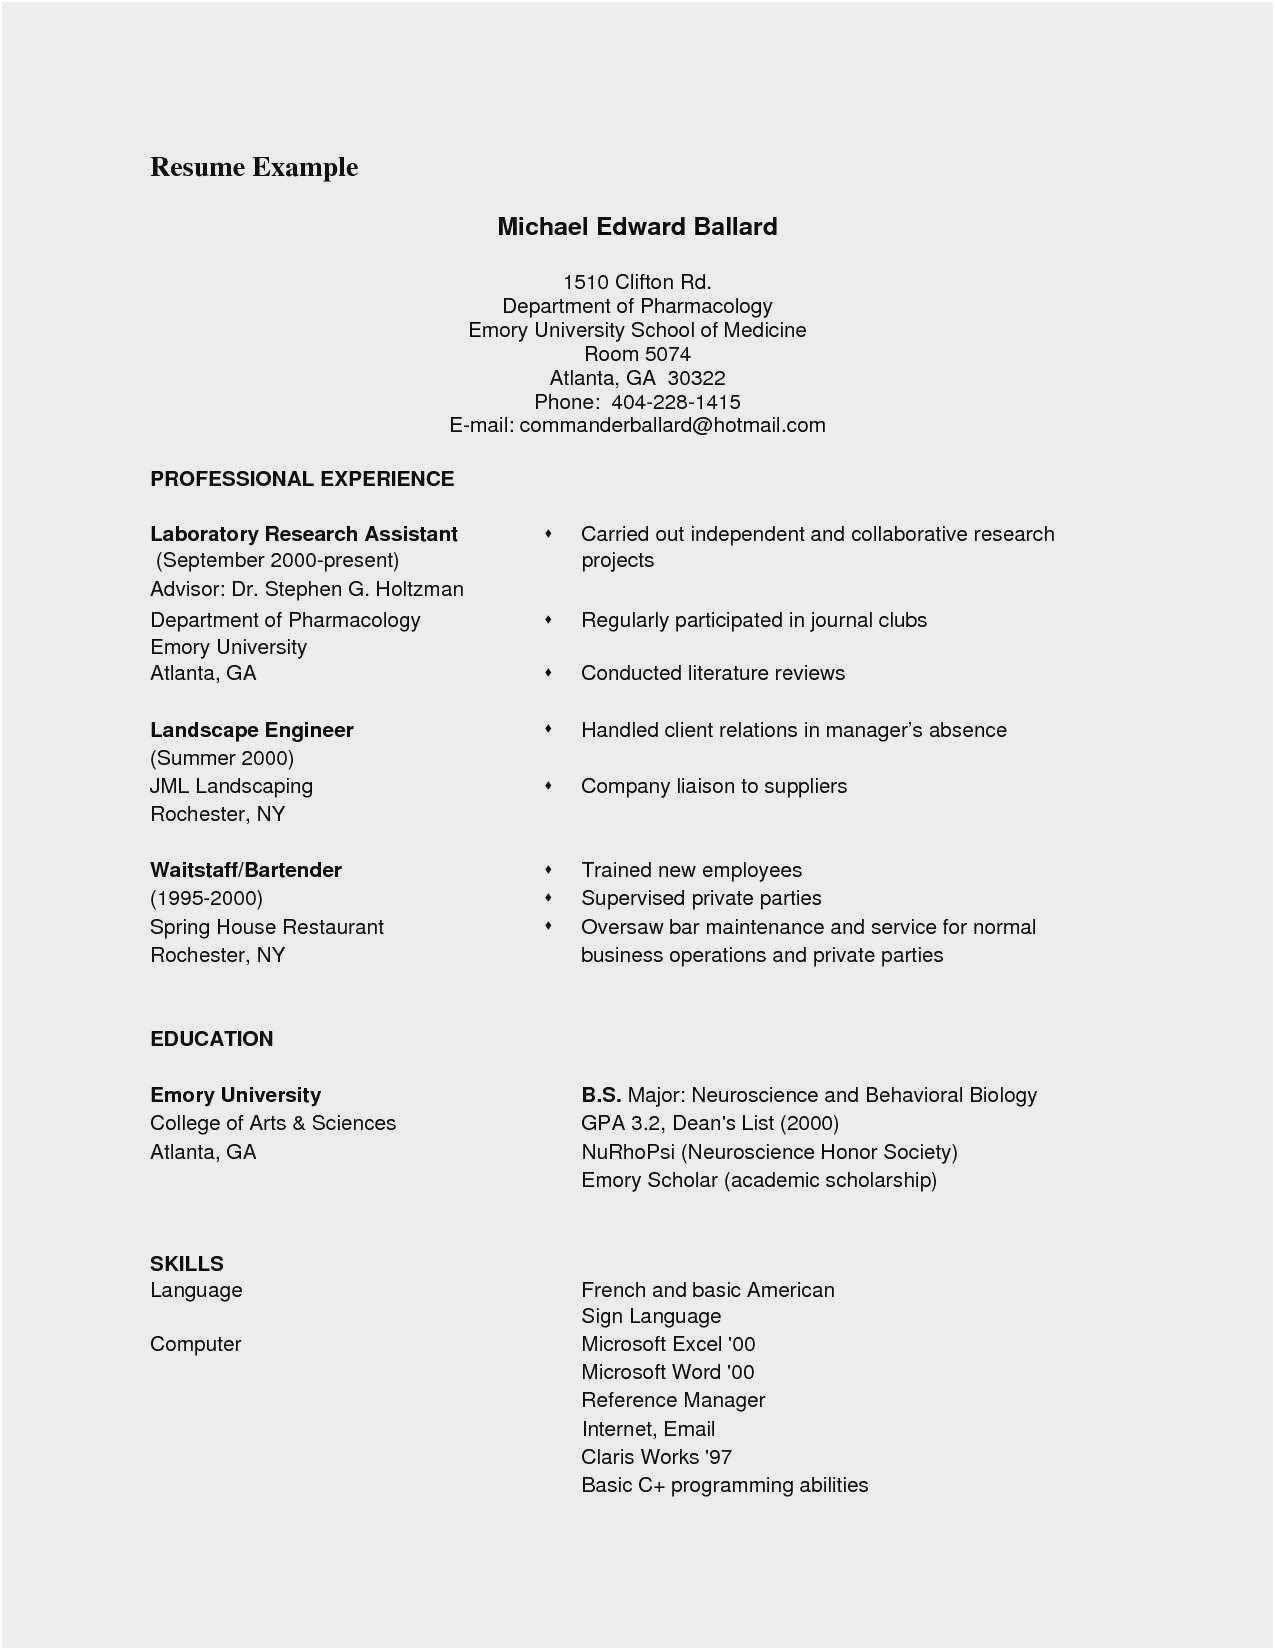 New Client List Template Xls Xlsformat Xlstemplates Xlstemplate